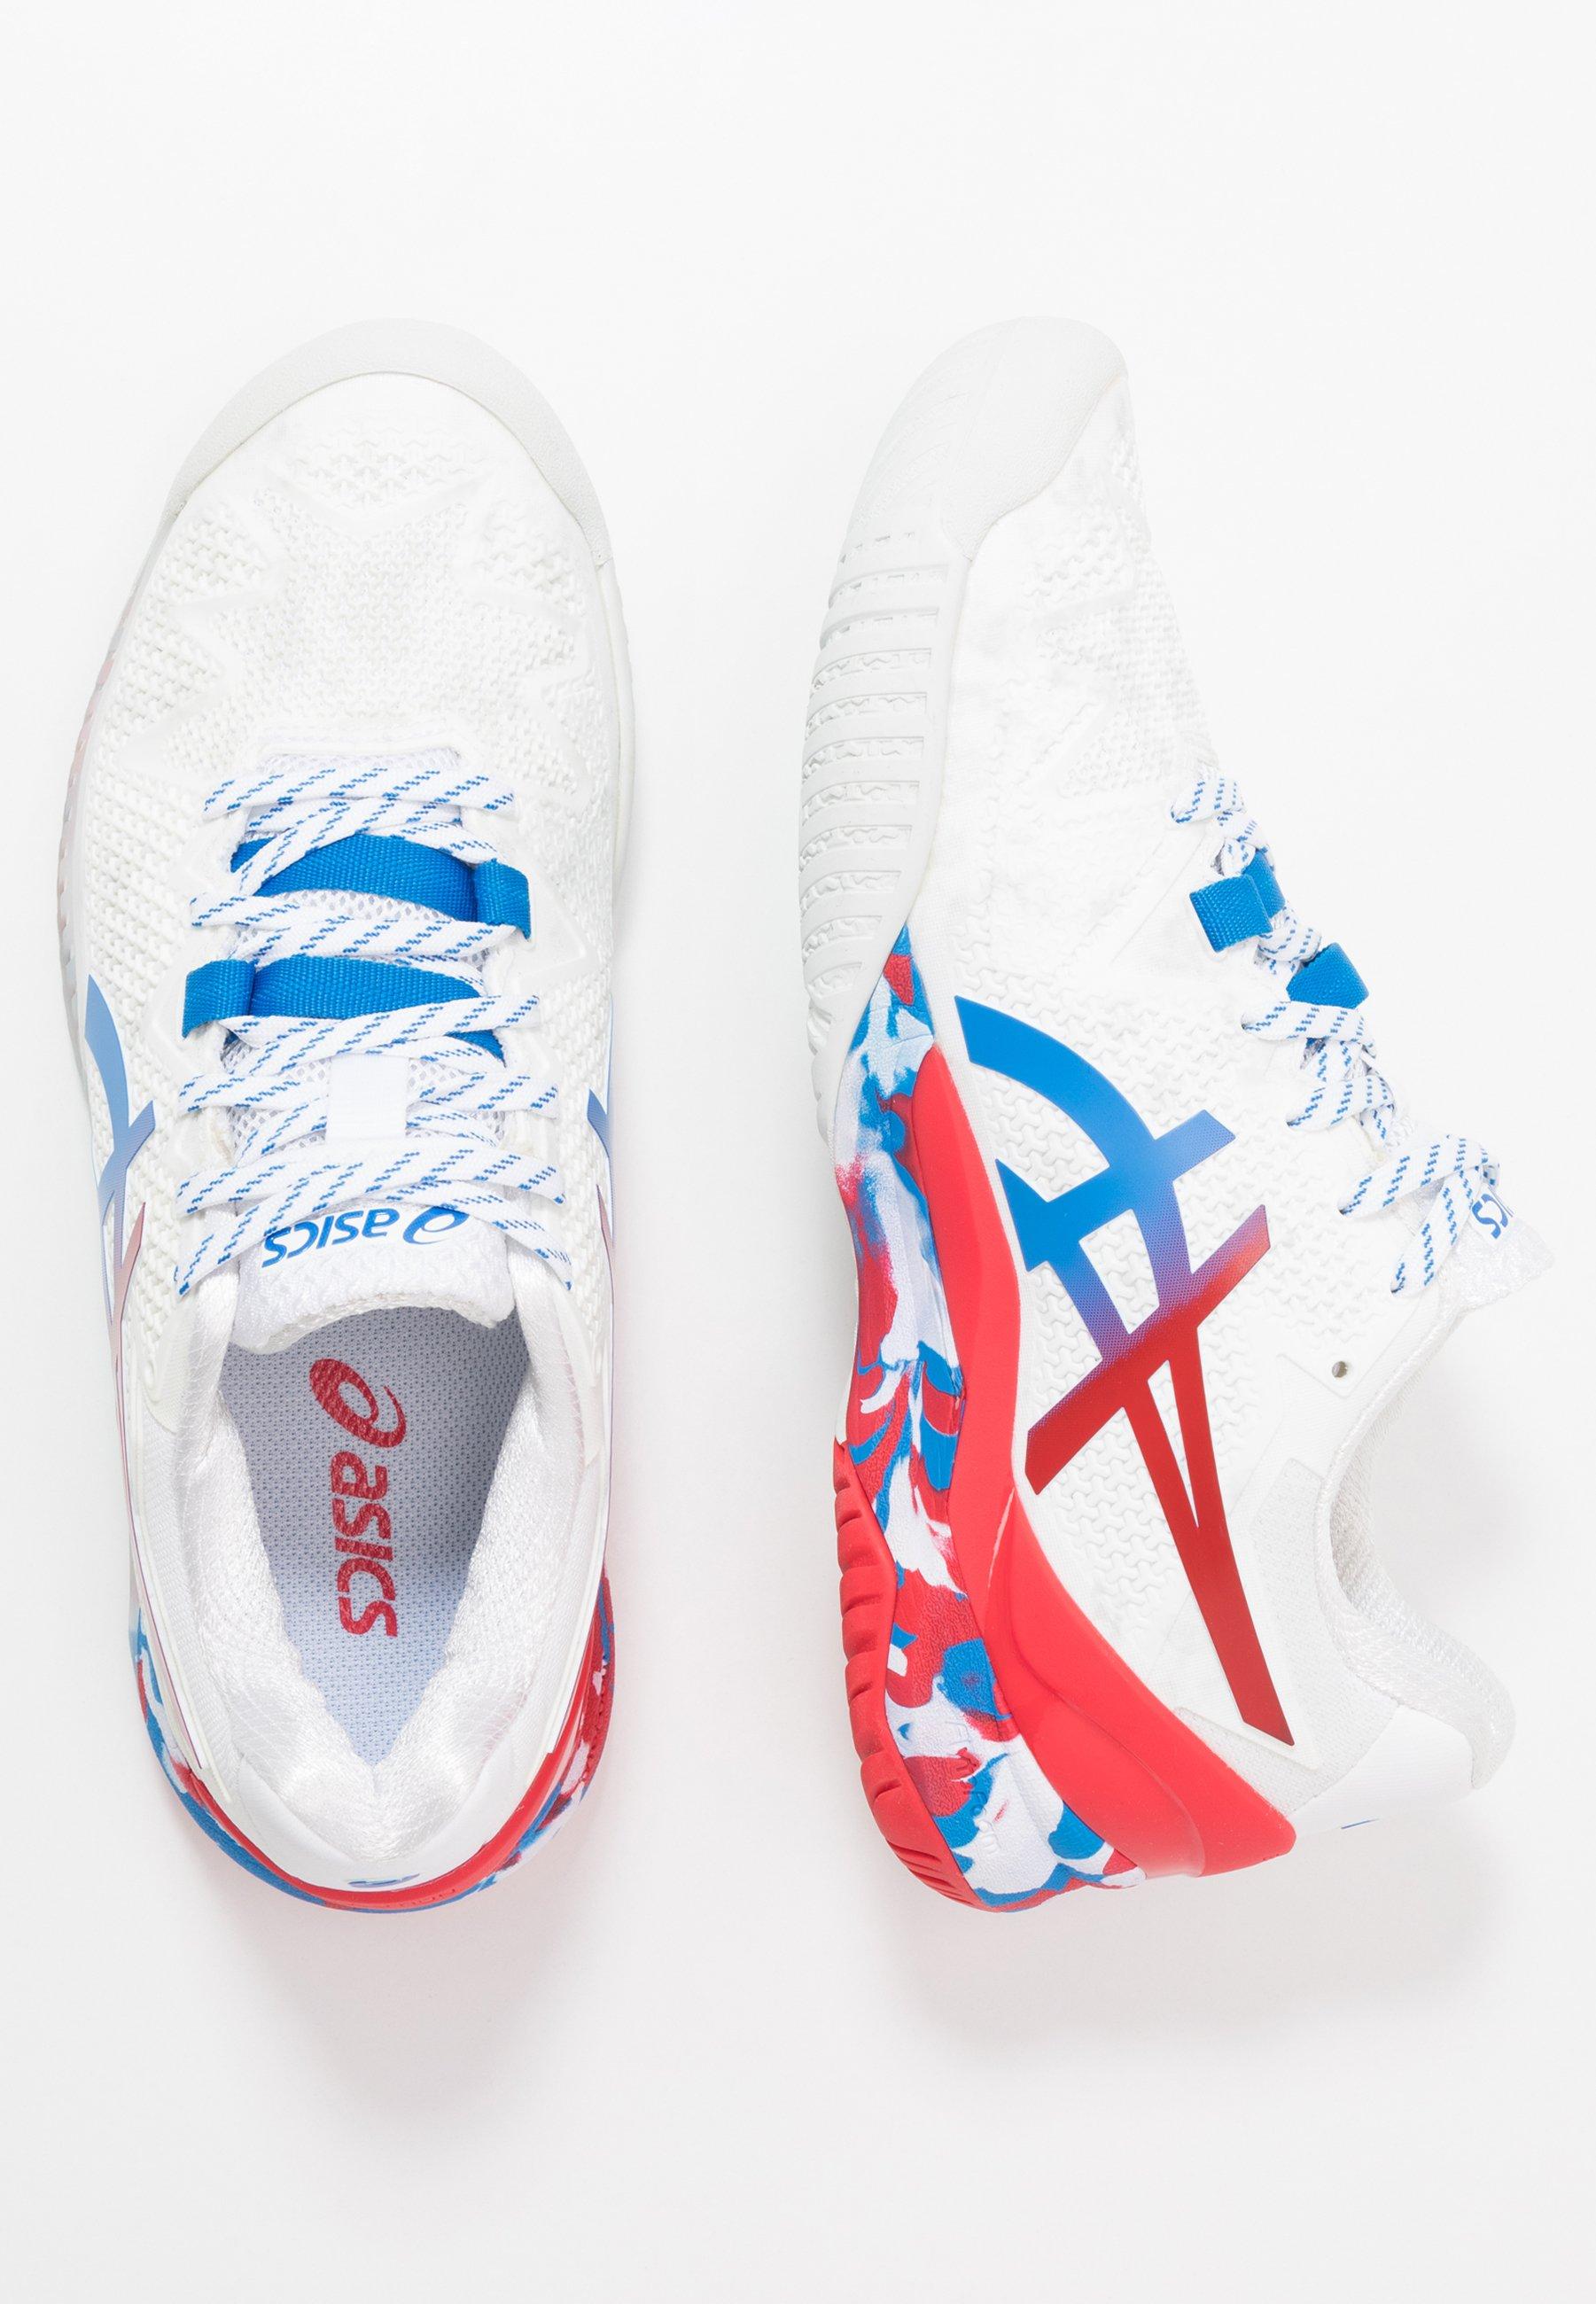 GEL RESOLUTION 8 Tennisschoenen voor alle ondergronden whiteelectric blue